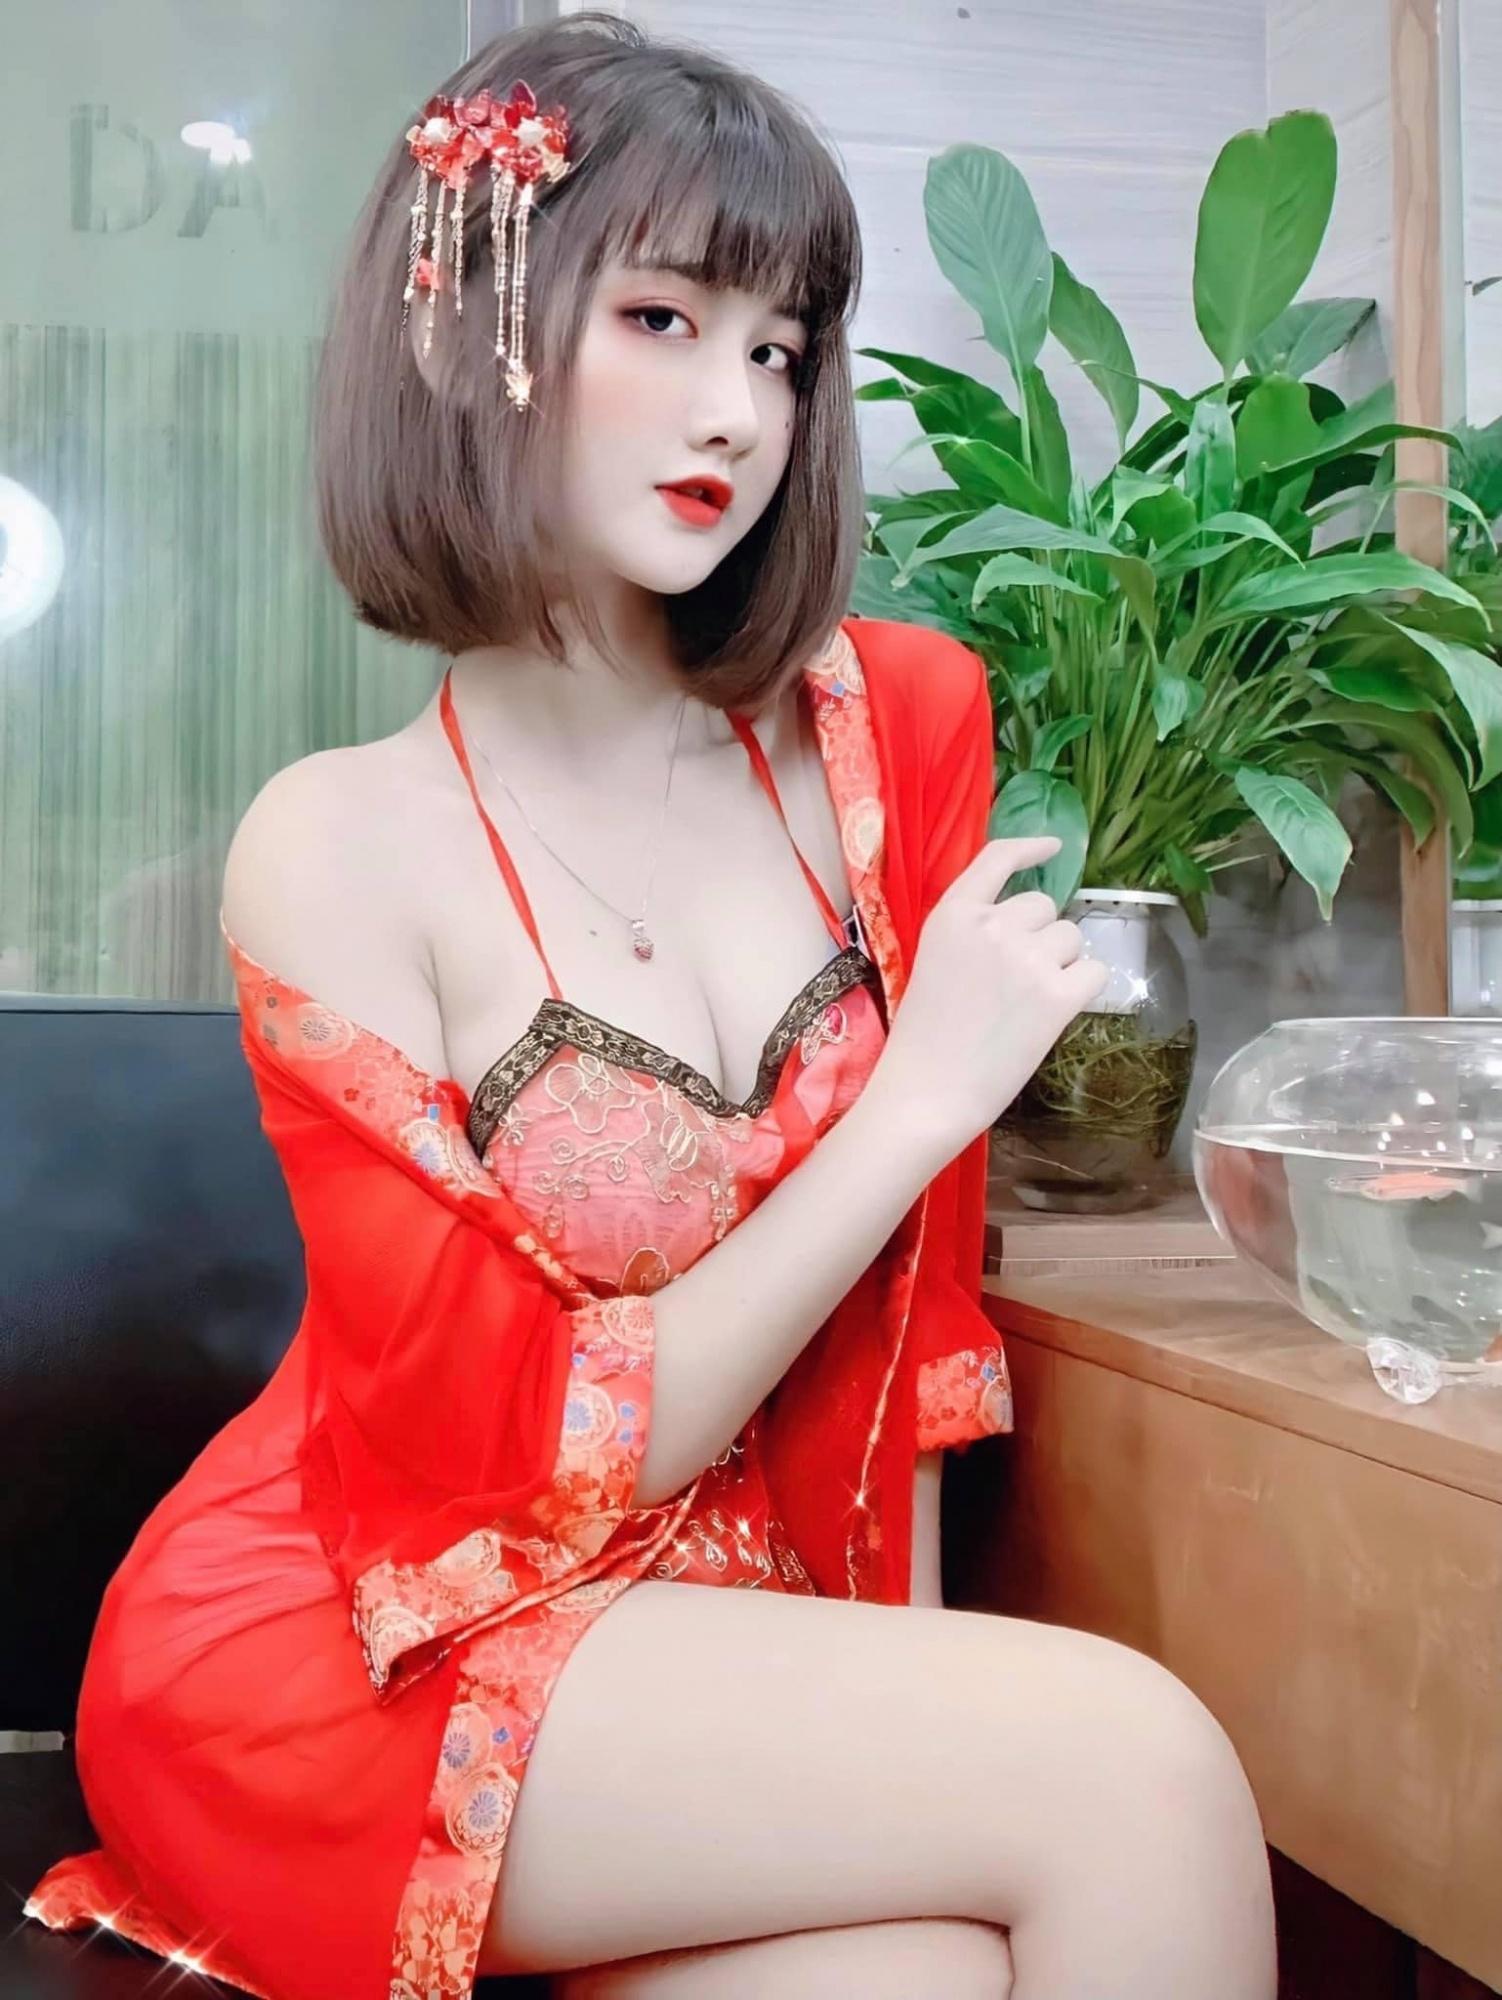 来自越南的短发尤物Phạm Thị Hằng!迷茫眼神+浑圆雪=诱惑指数100%-新图包